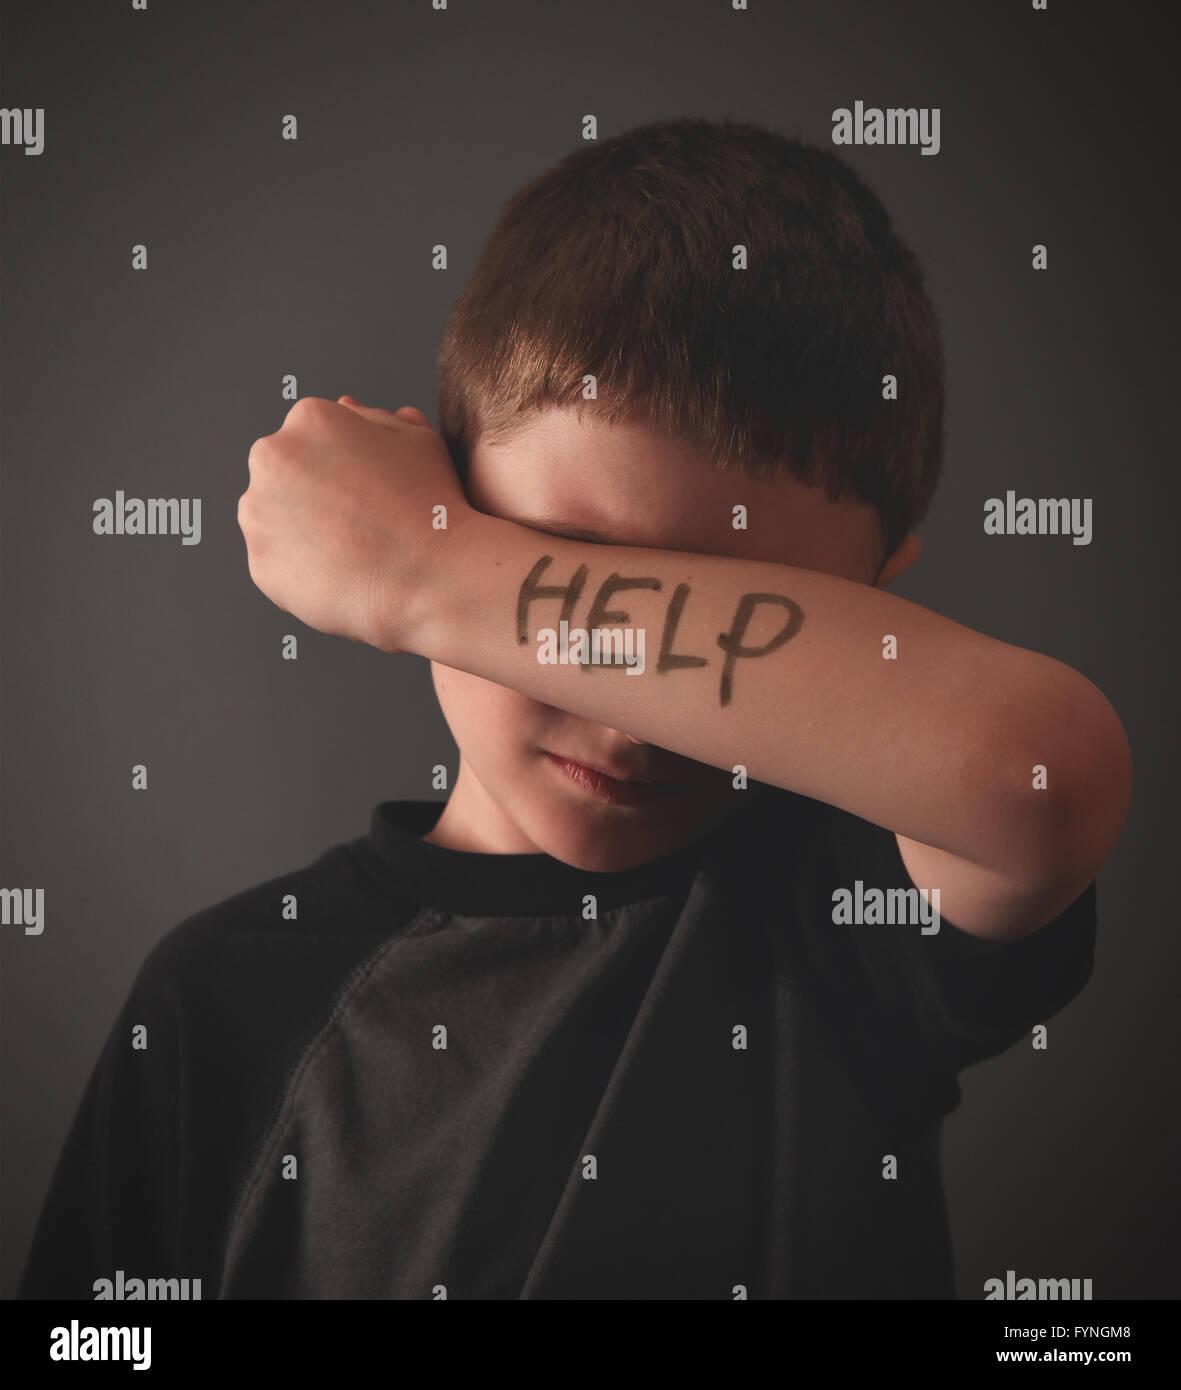 Un jeune enfant est de se cacher les yeux avec un message écrit de l'aide sur son bras pour une question Photo Stock